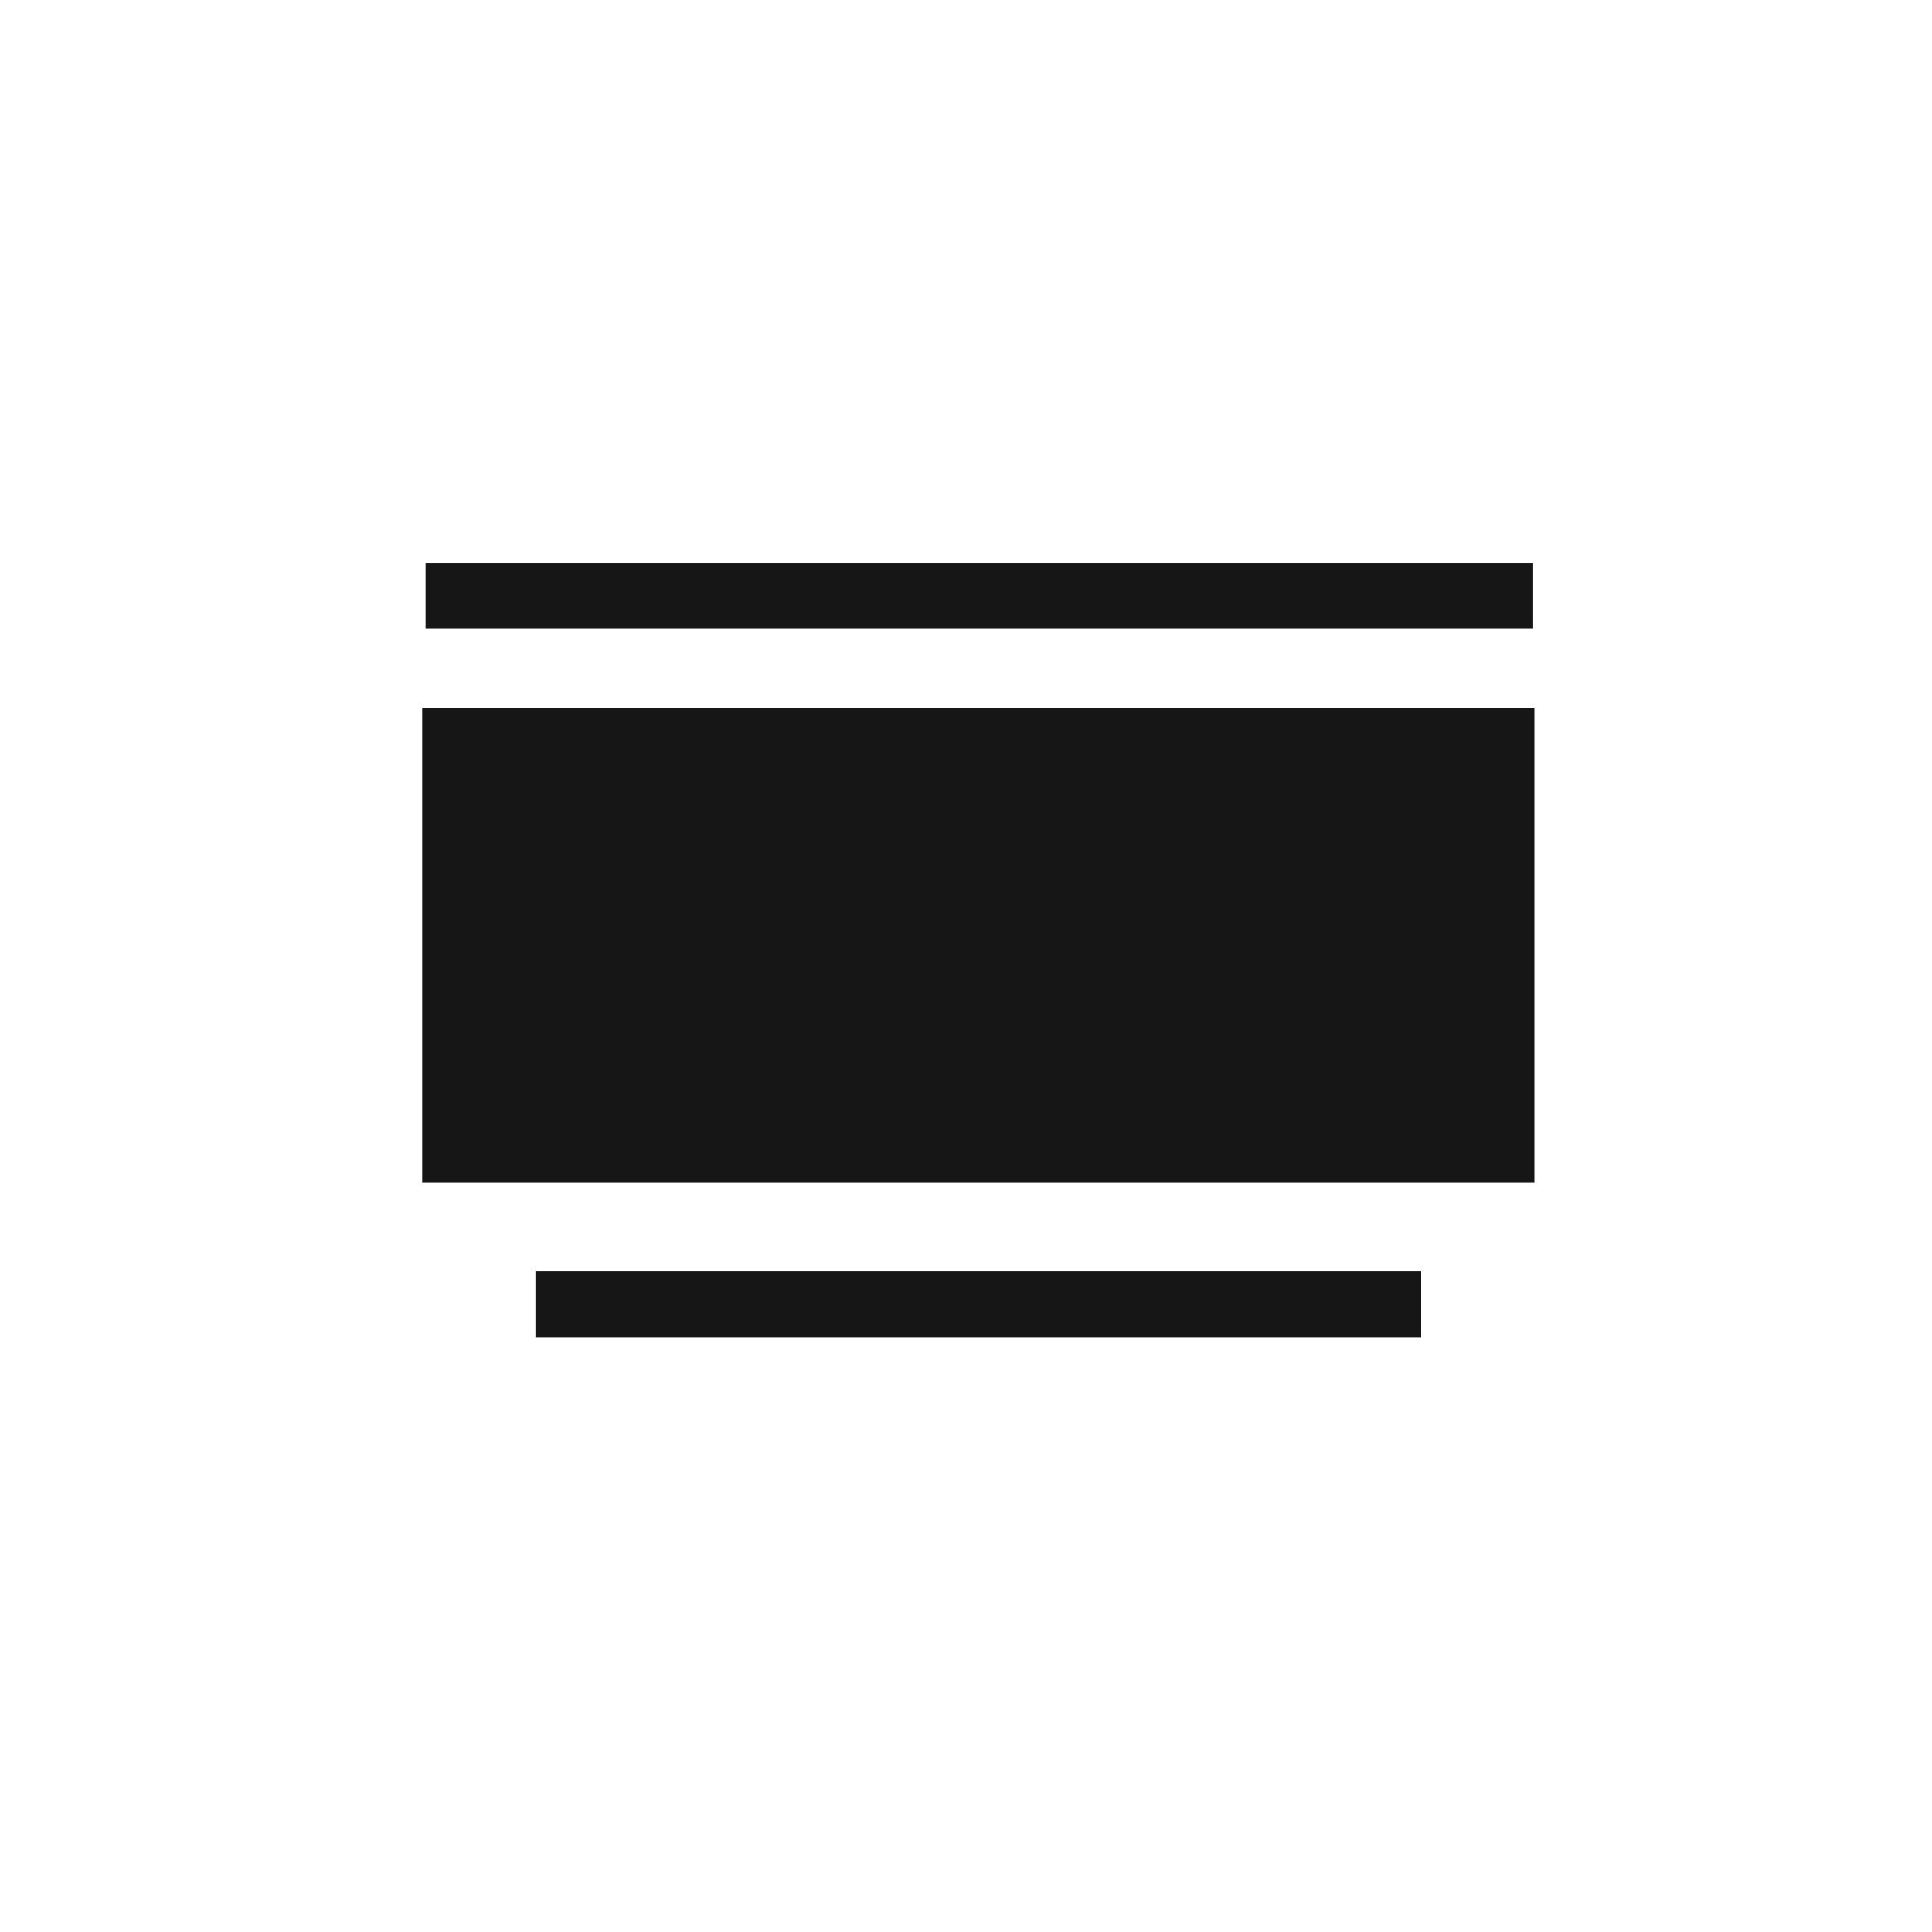 Dr. Kim Hires